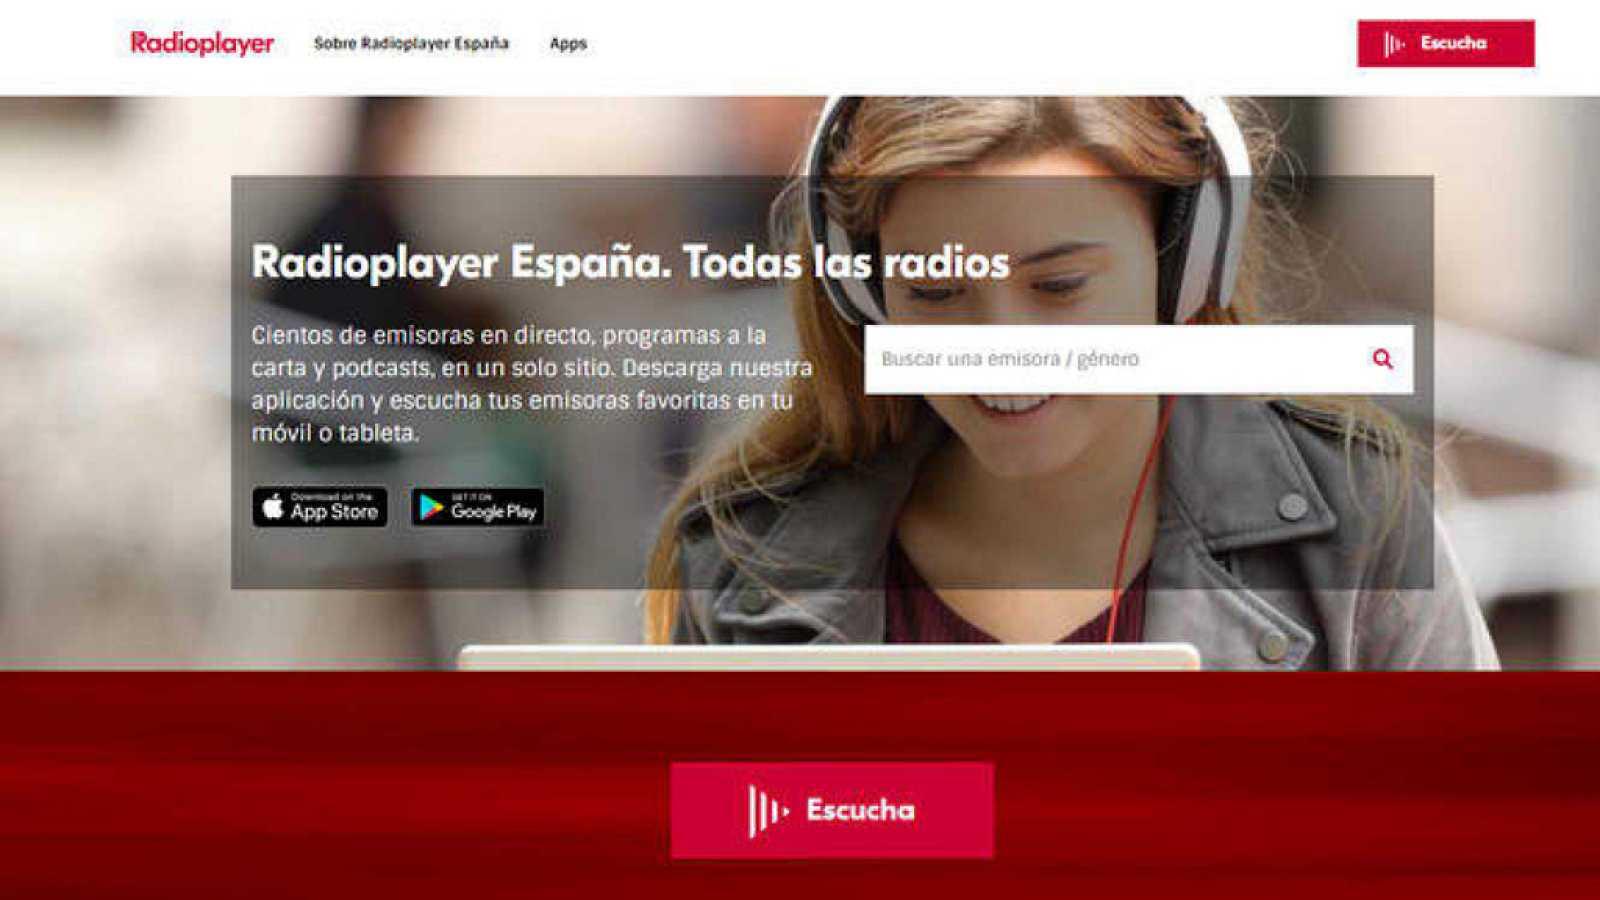 Amigos de la onda corta - Radioplayer España - 16/11/19 - escuchar ahora